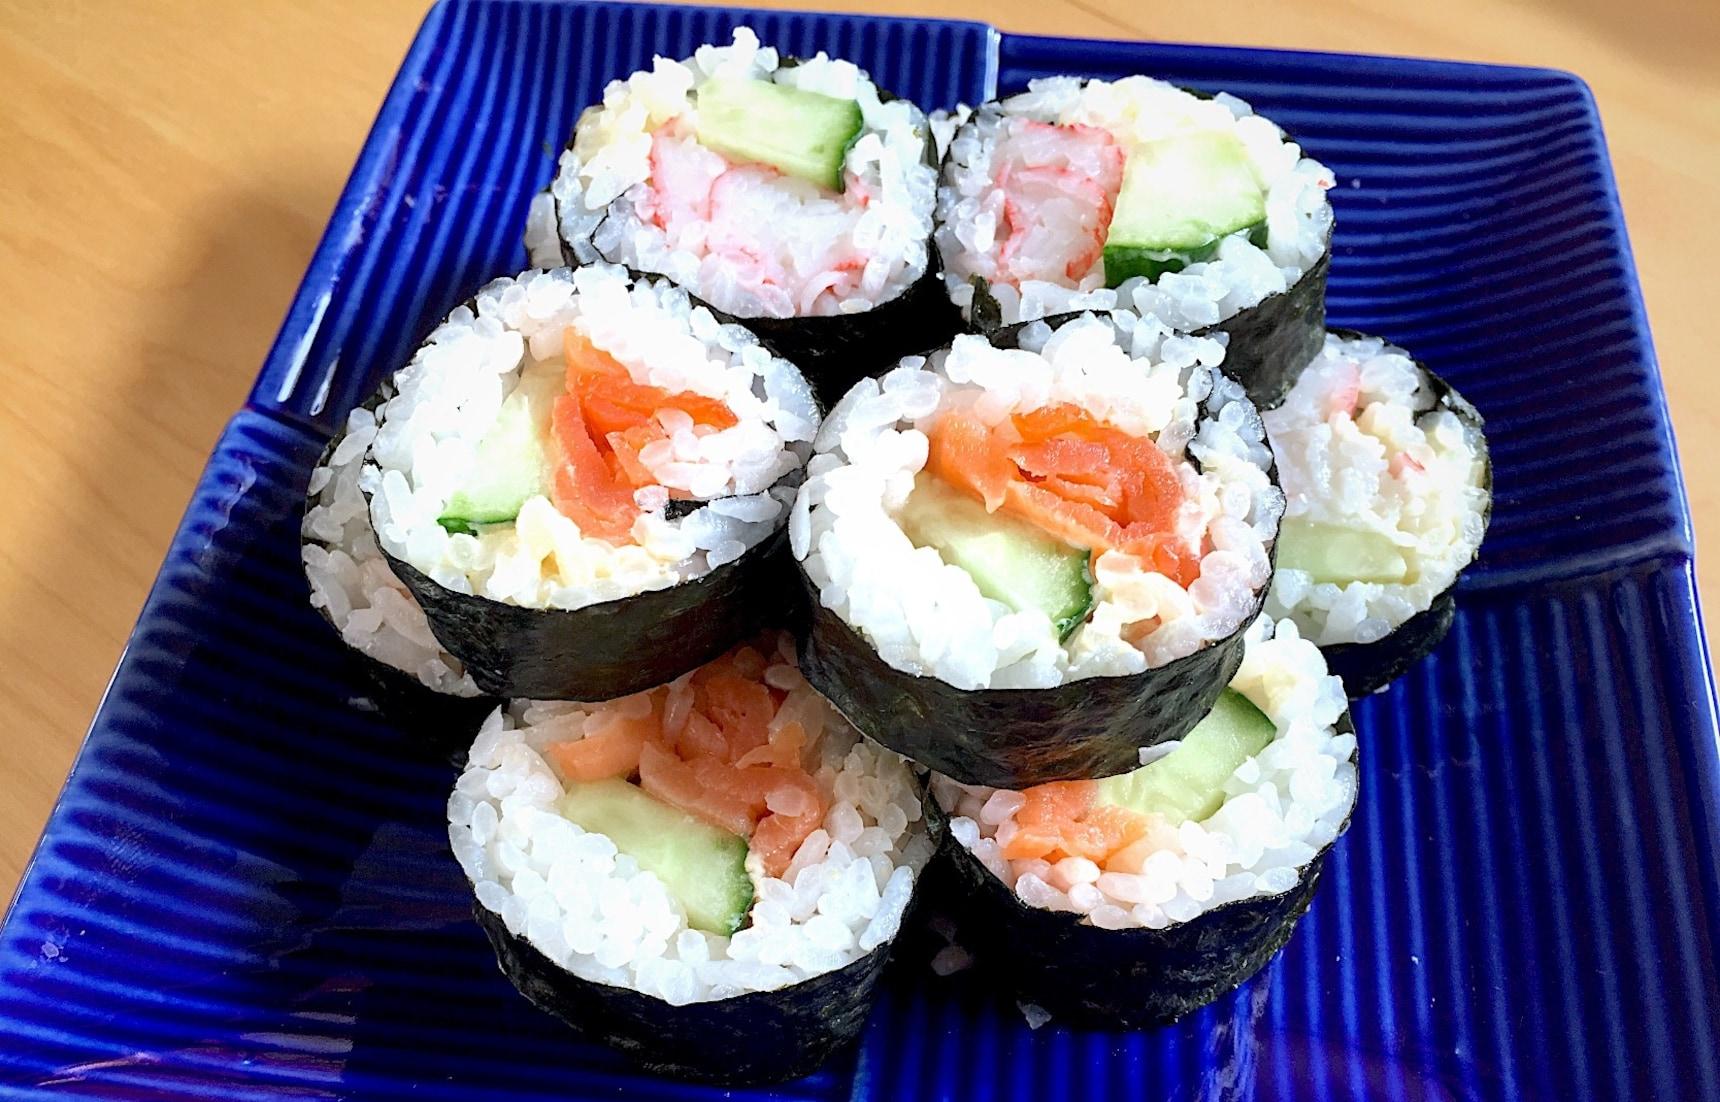 สูตร ซูซิม้วนไส้สลัดปูอัดและปลาแซลมอนรมควัน